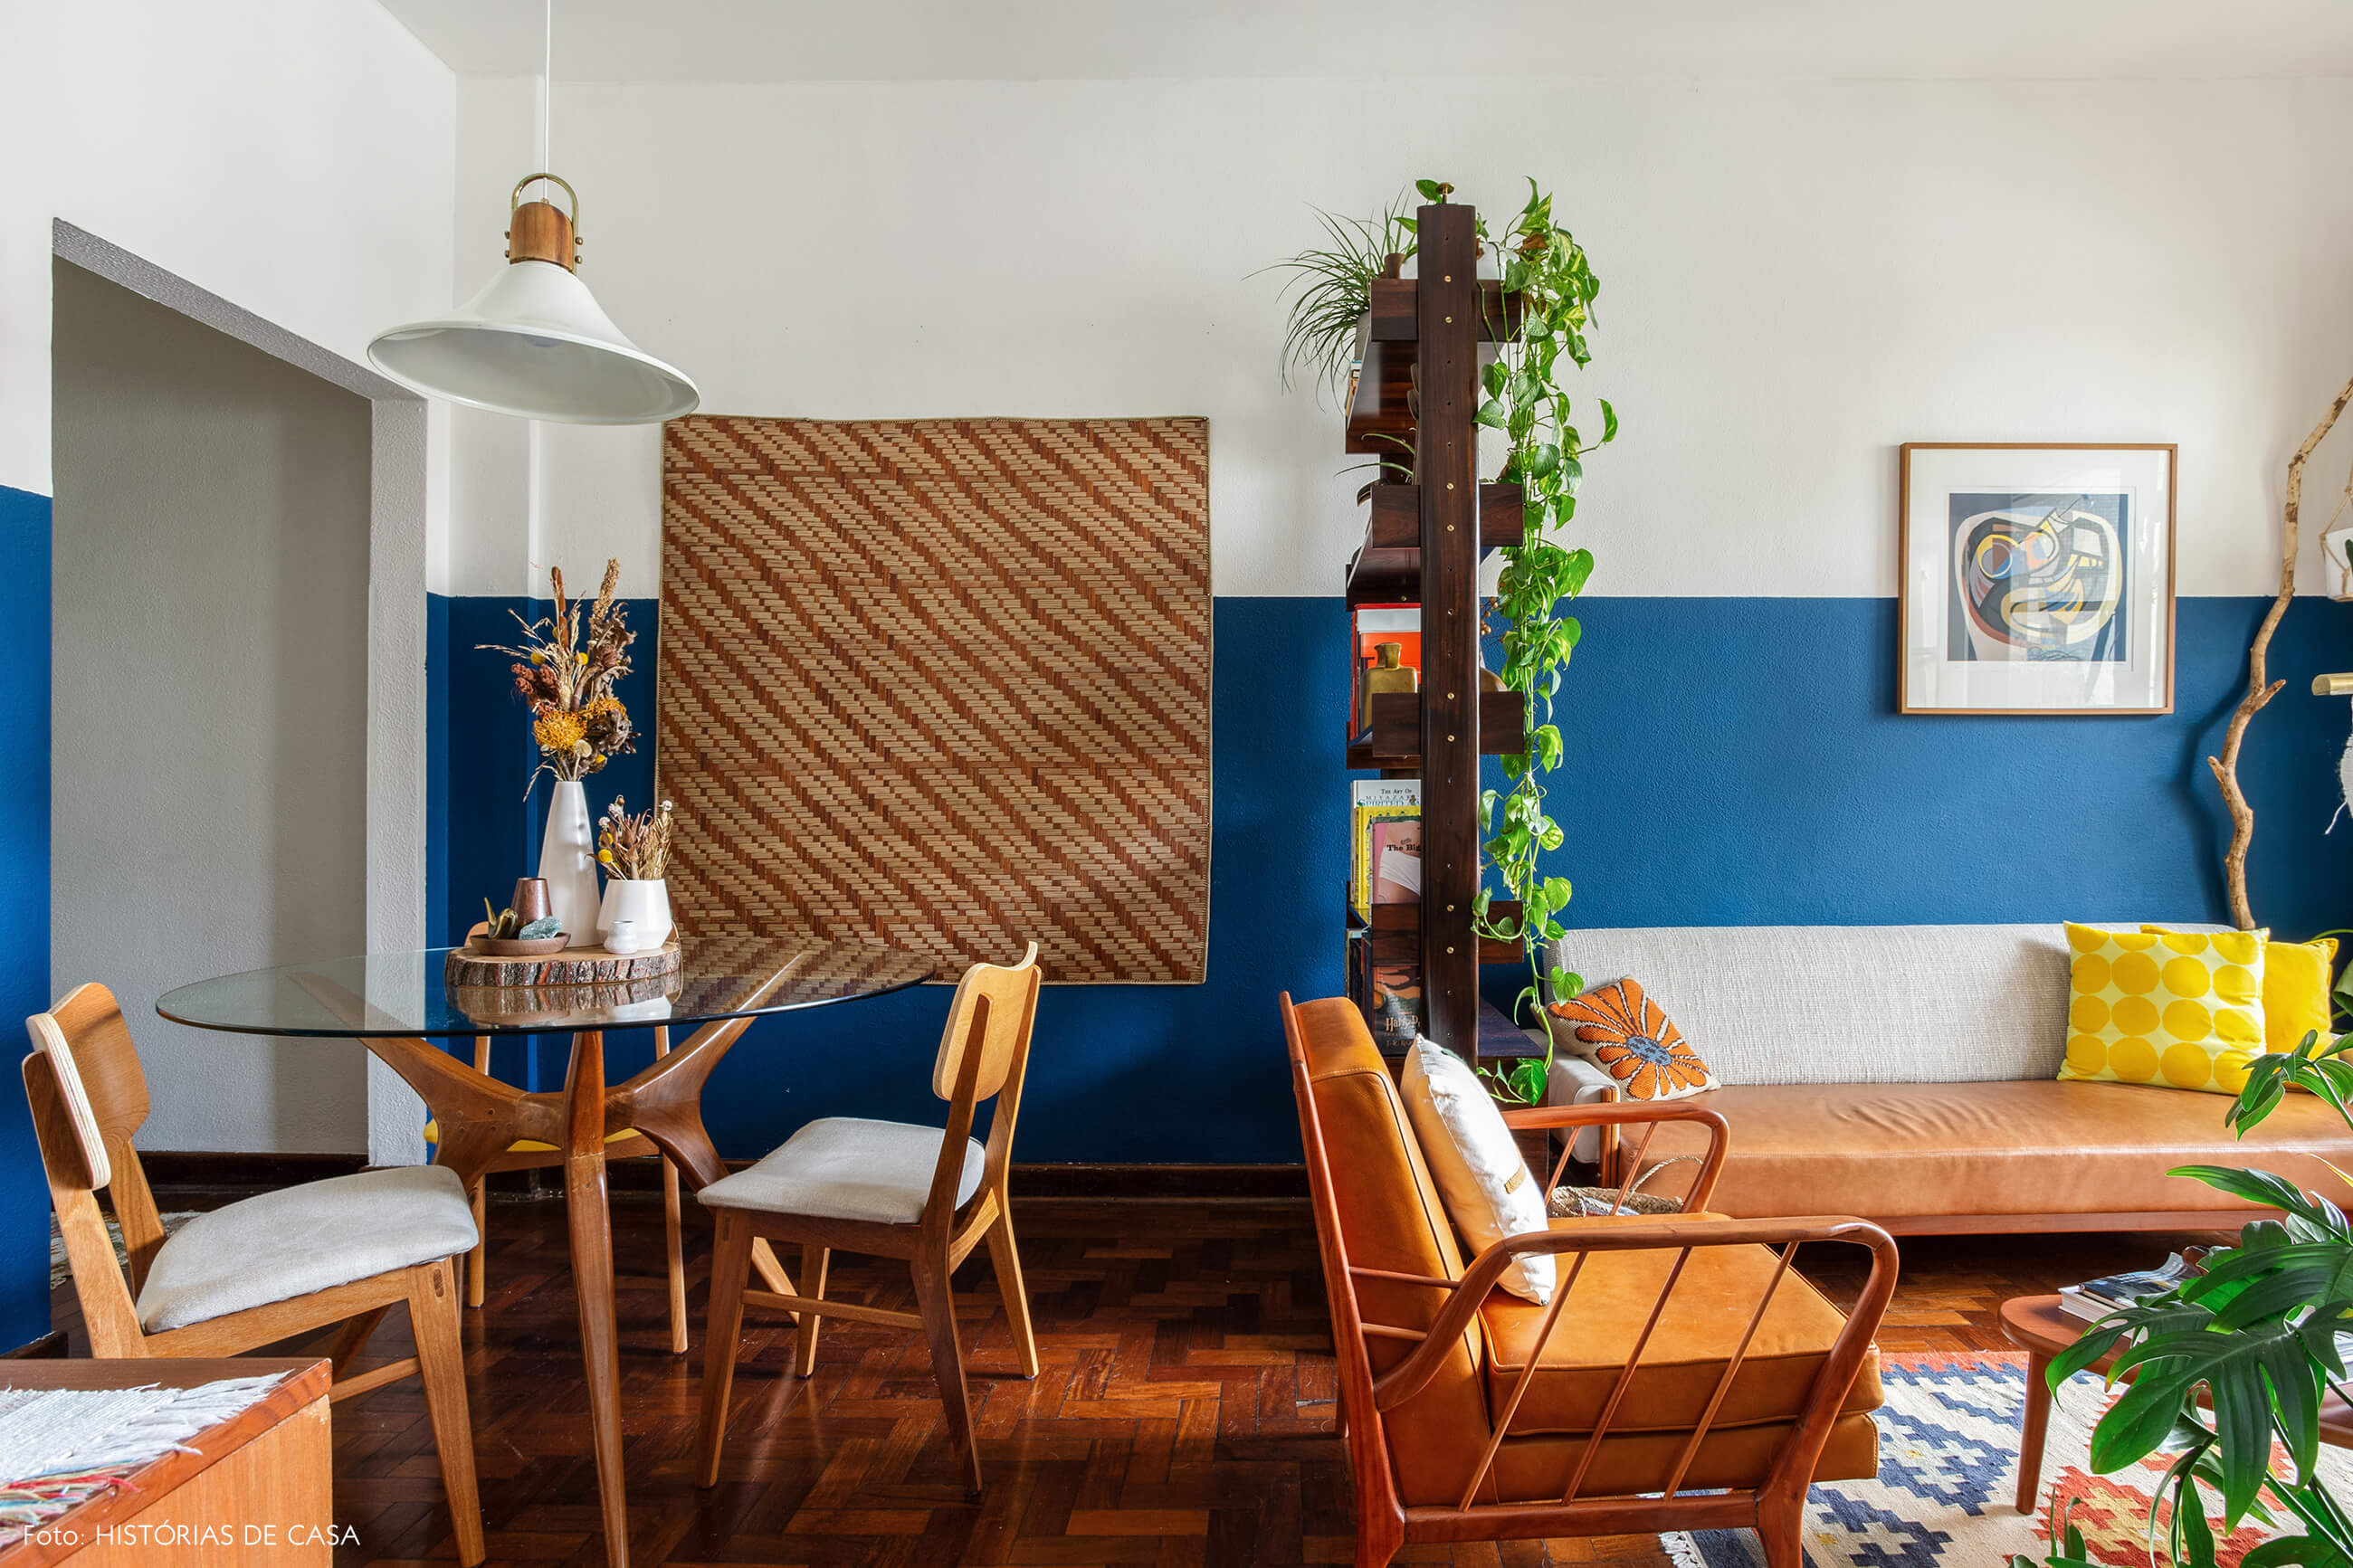 Sala de jantar integrada com parede azul